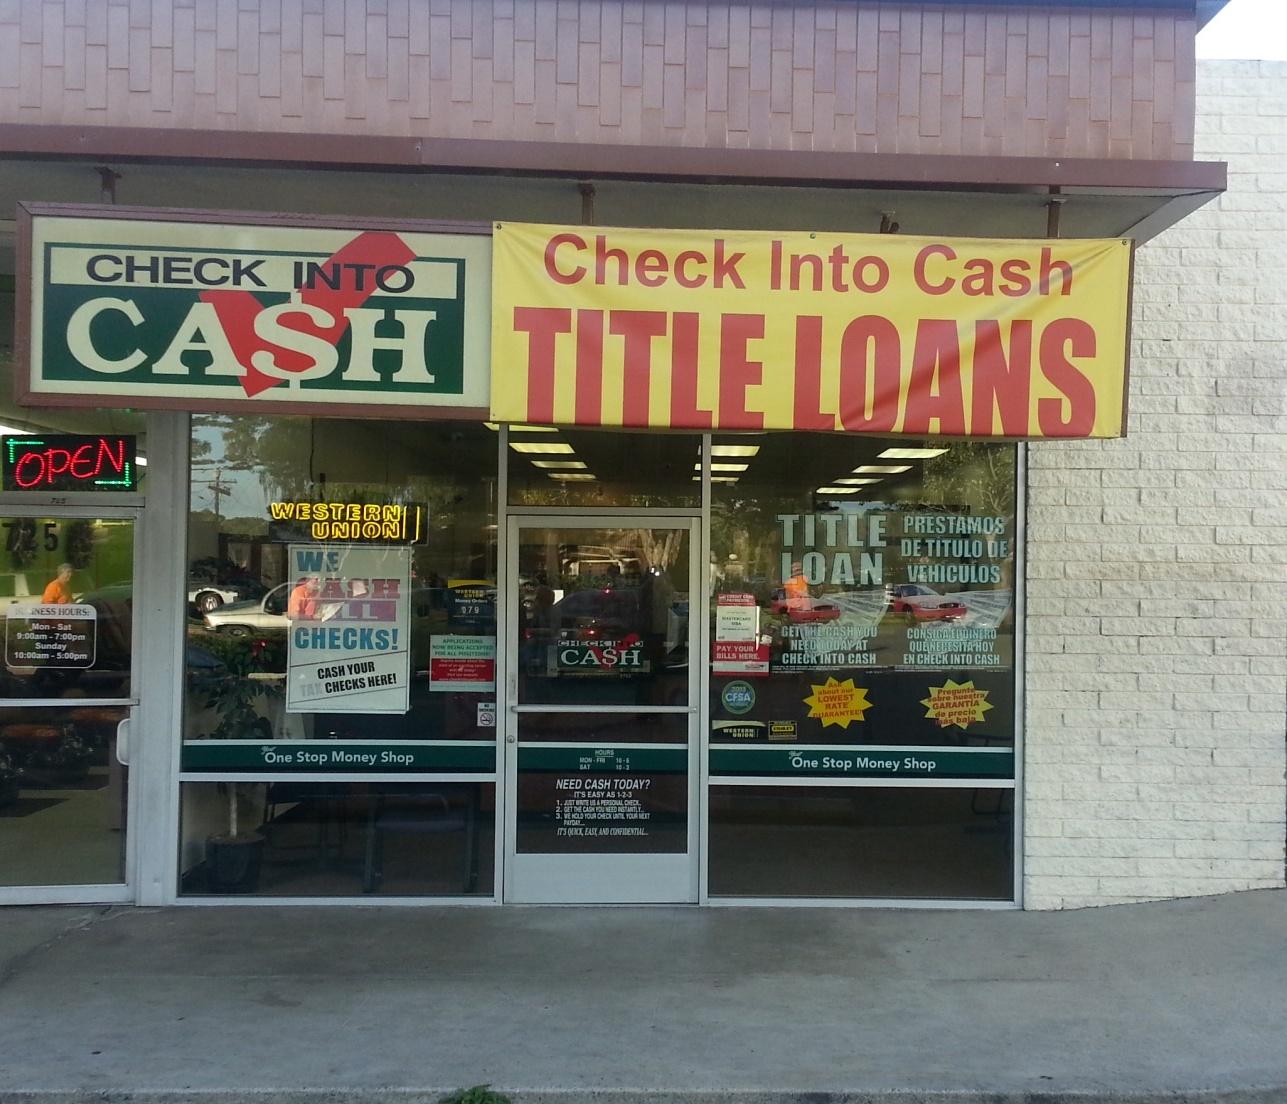 Unemployed quick cash loans image 2